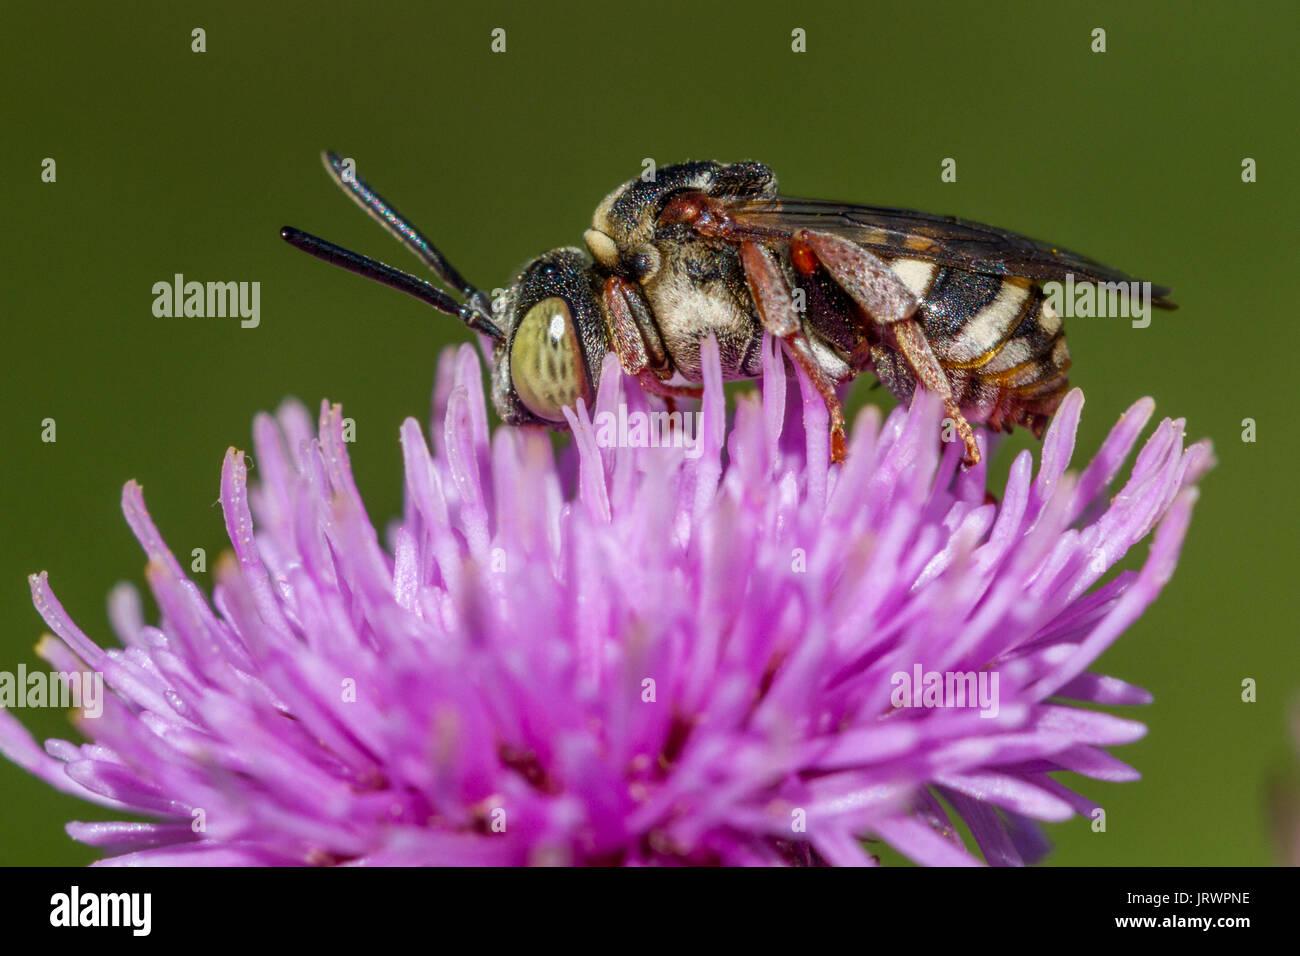 UK Wildlife: Epeolus variegatus, eine schöne einsame Biene die cleptoparasitic ist, Burley Moor, Ilkley, West Yorkshire, England Stockbild